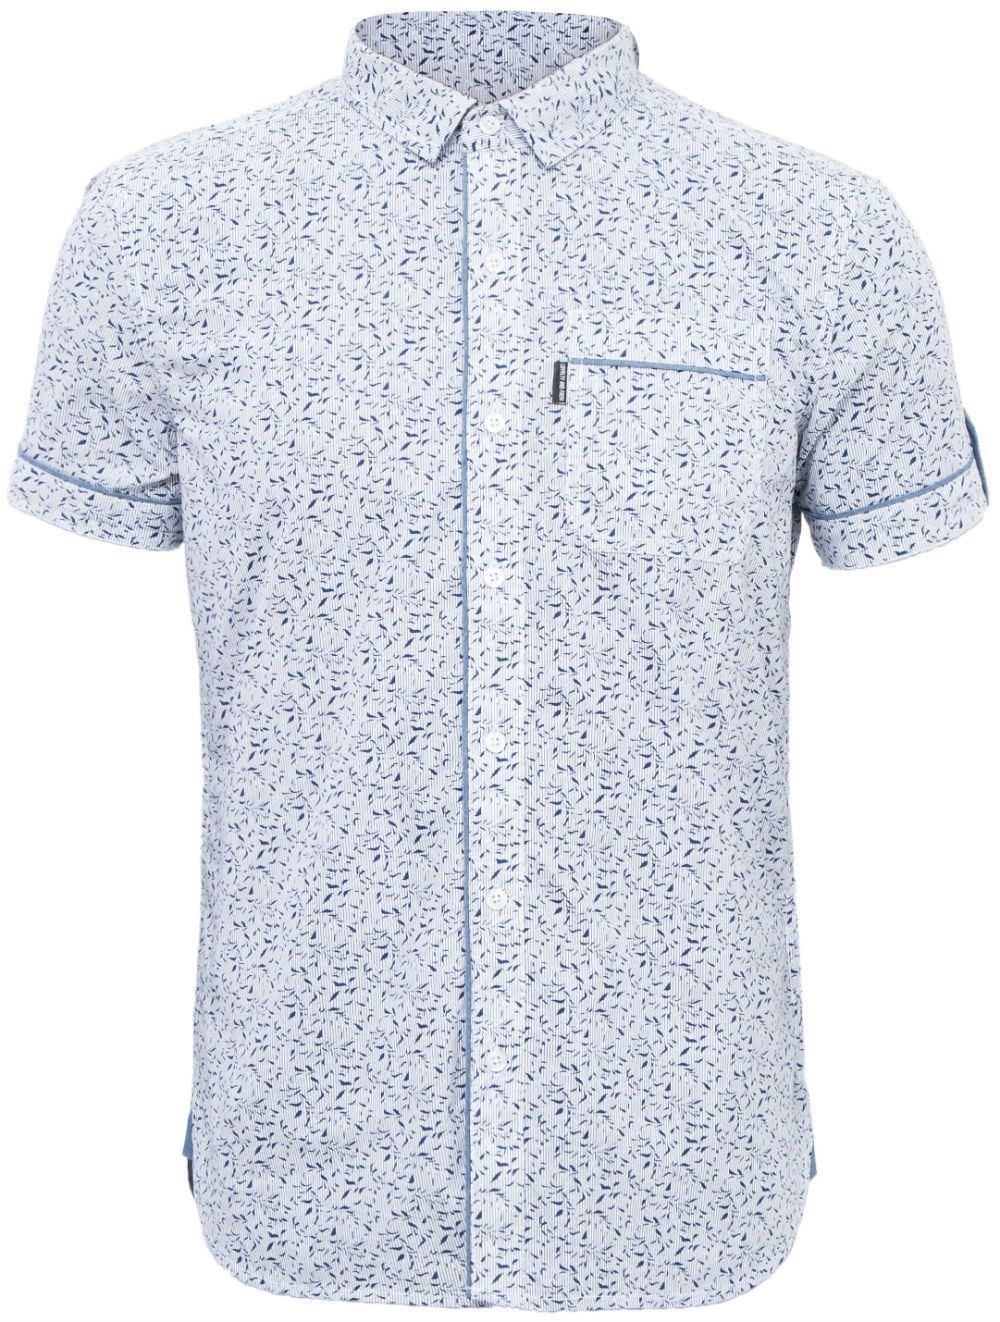 Loyalty & Faith Native Shirt - Blue|2XL